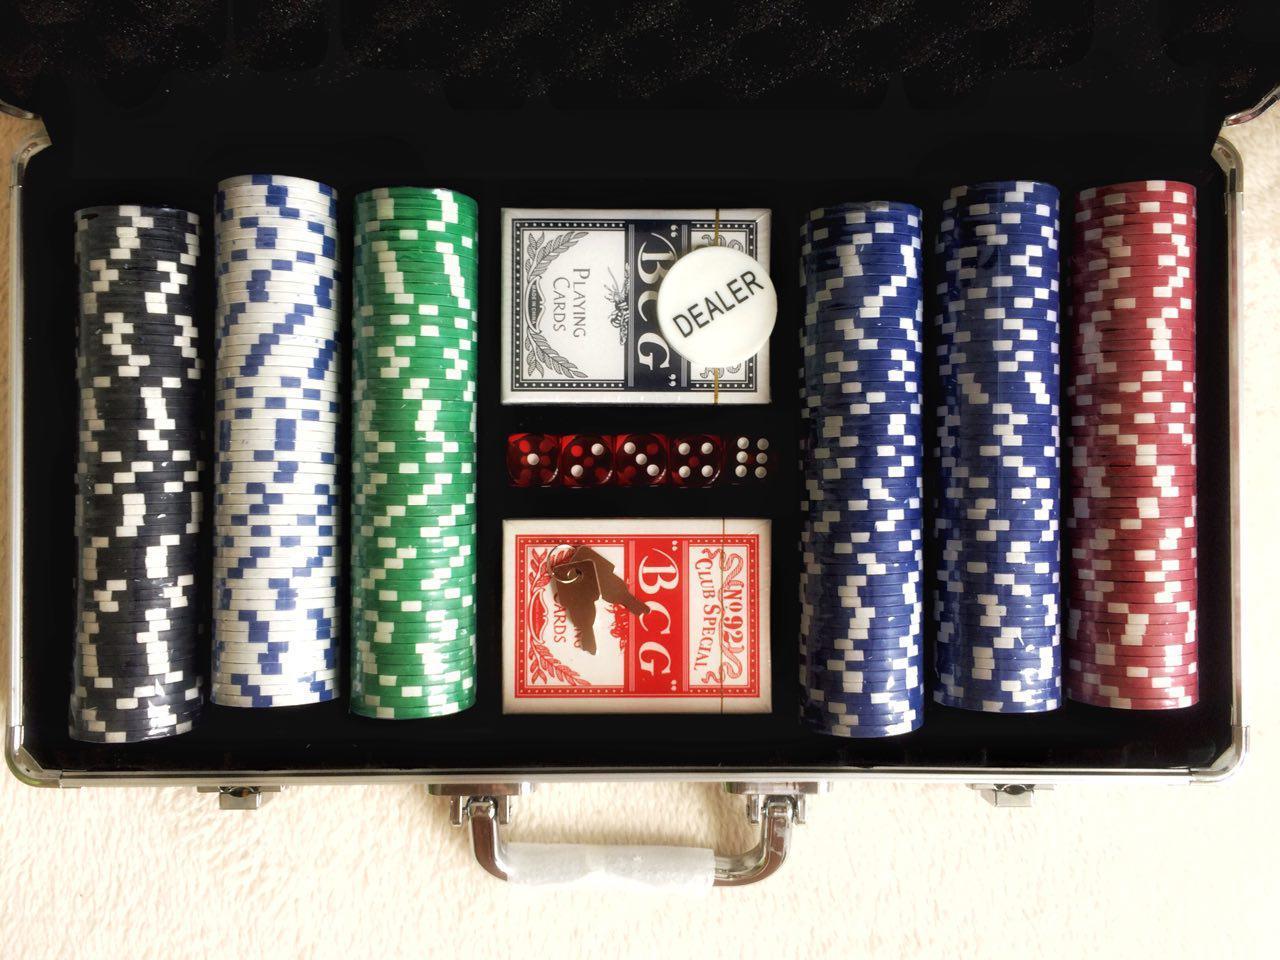 Покер онлайн с бесплатной доставкой казино в мобильном